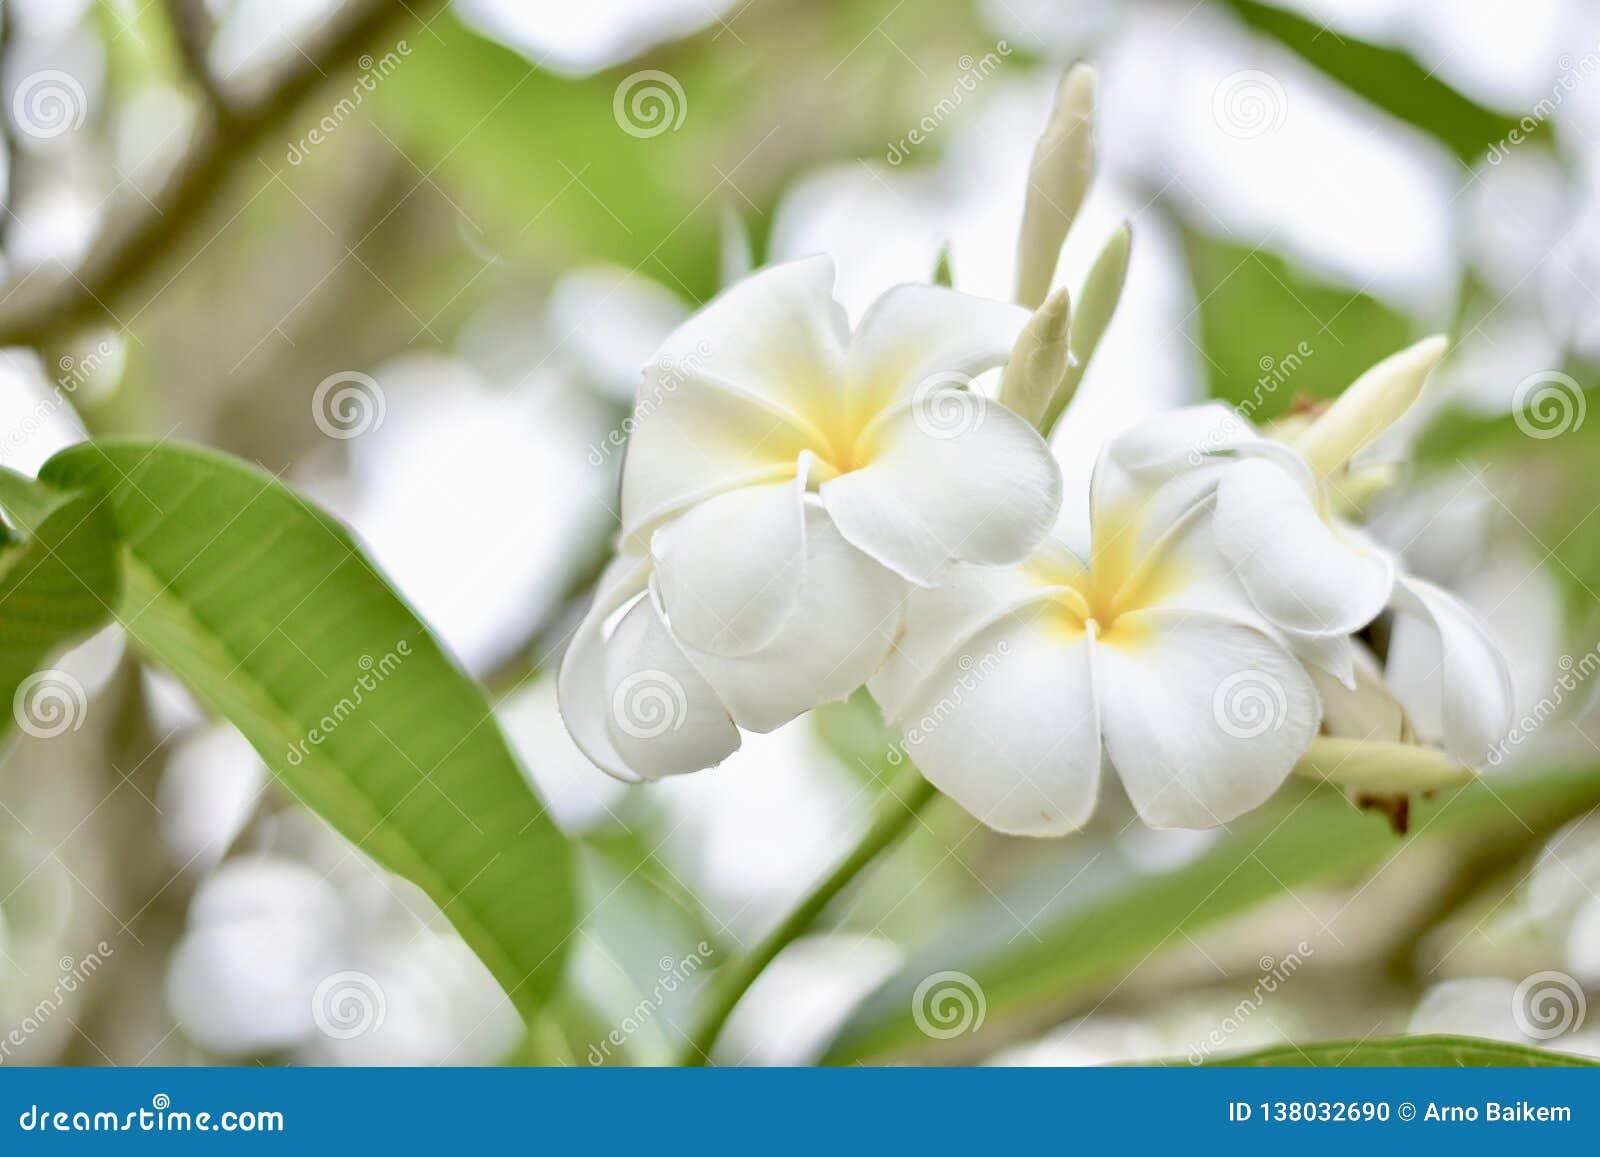 Les fleurs de Plumeria reçoivent la lumière pendant le matin